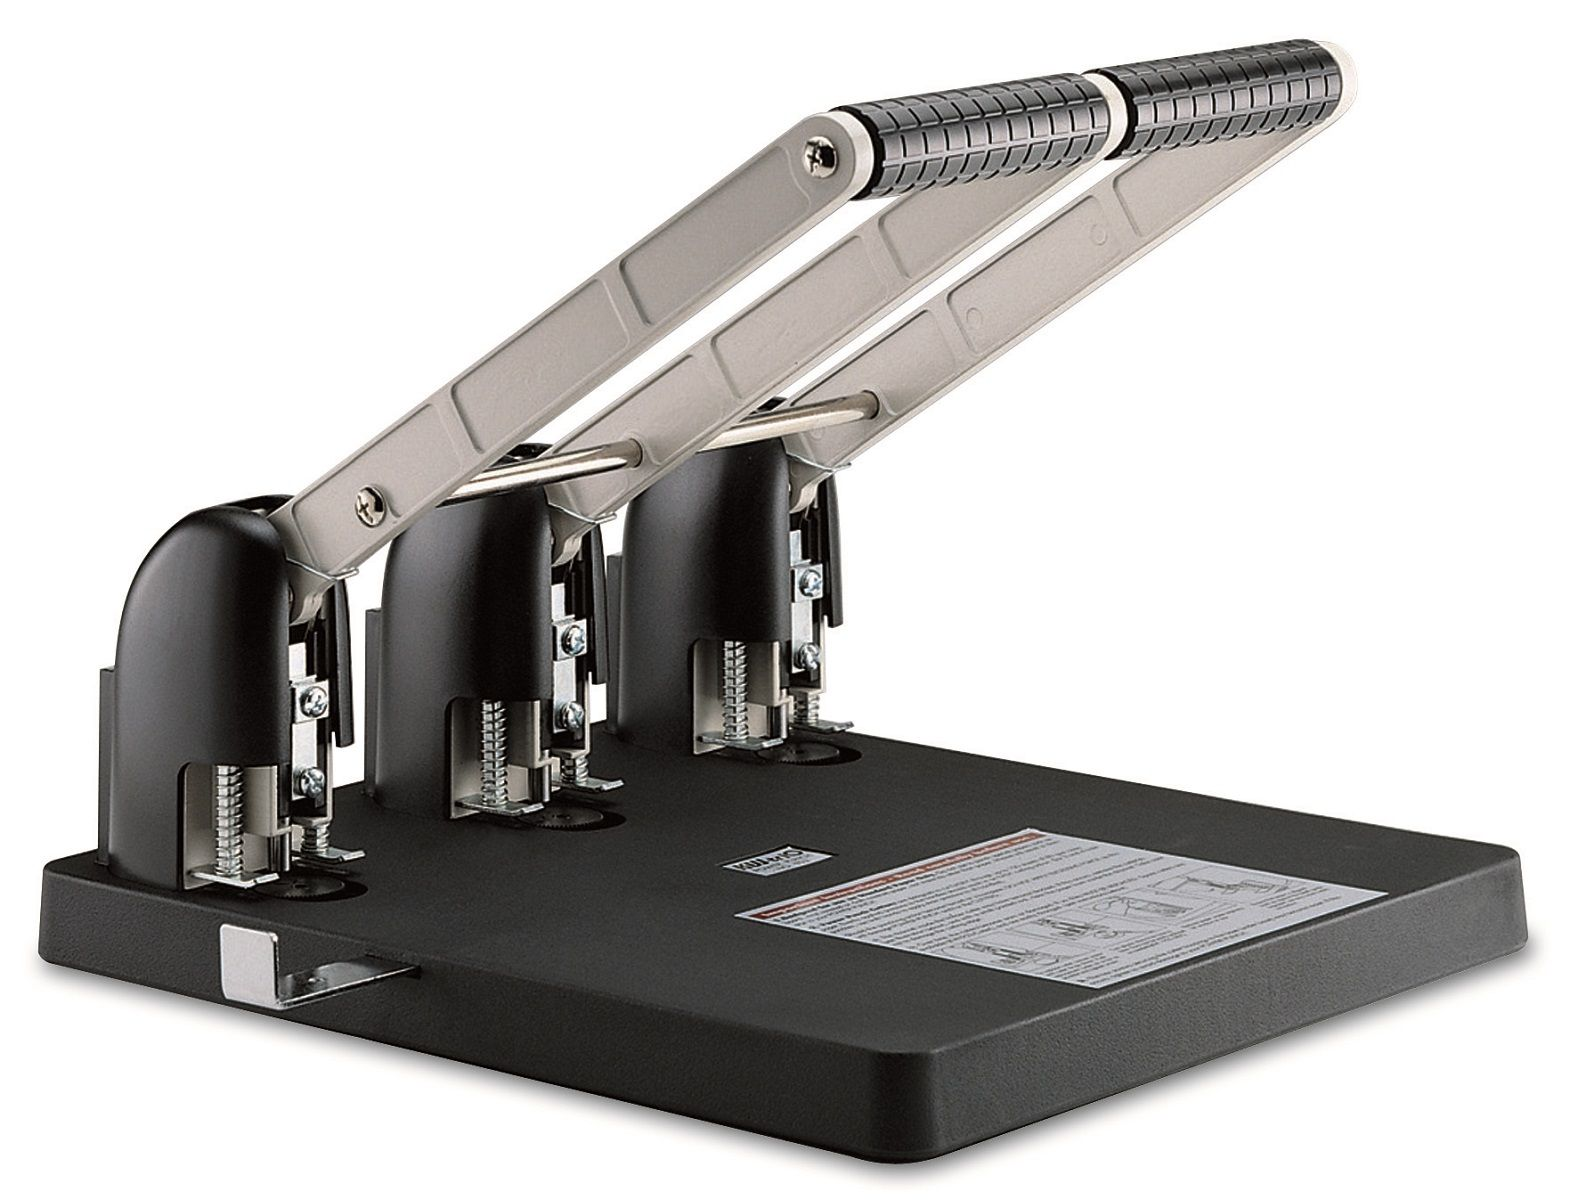 Perfurador De Papel 3 Furos 6mm até 150 Folhas Kw-trio 953  - Click Suprimentos